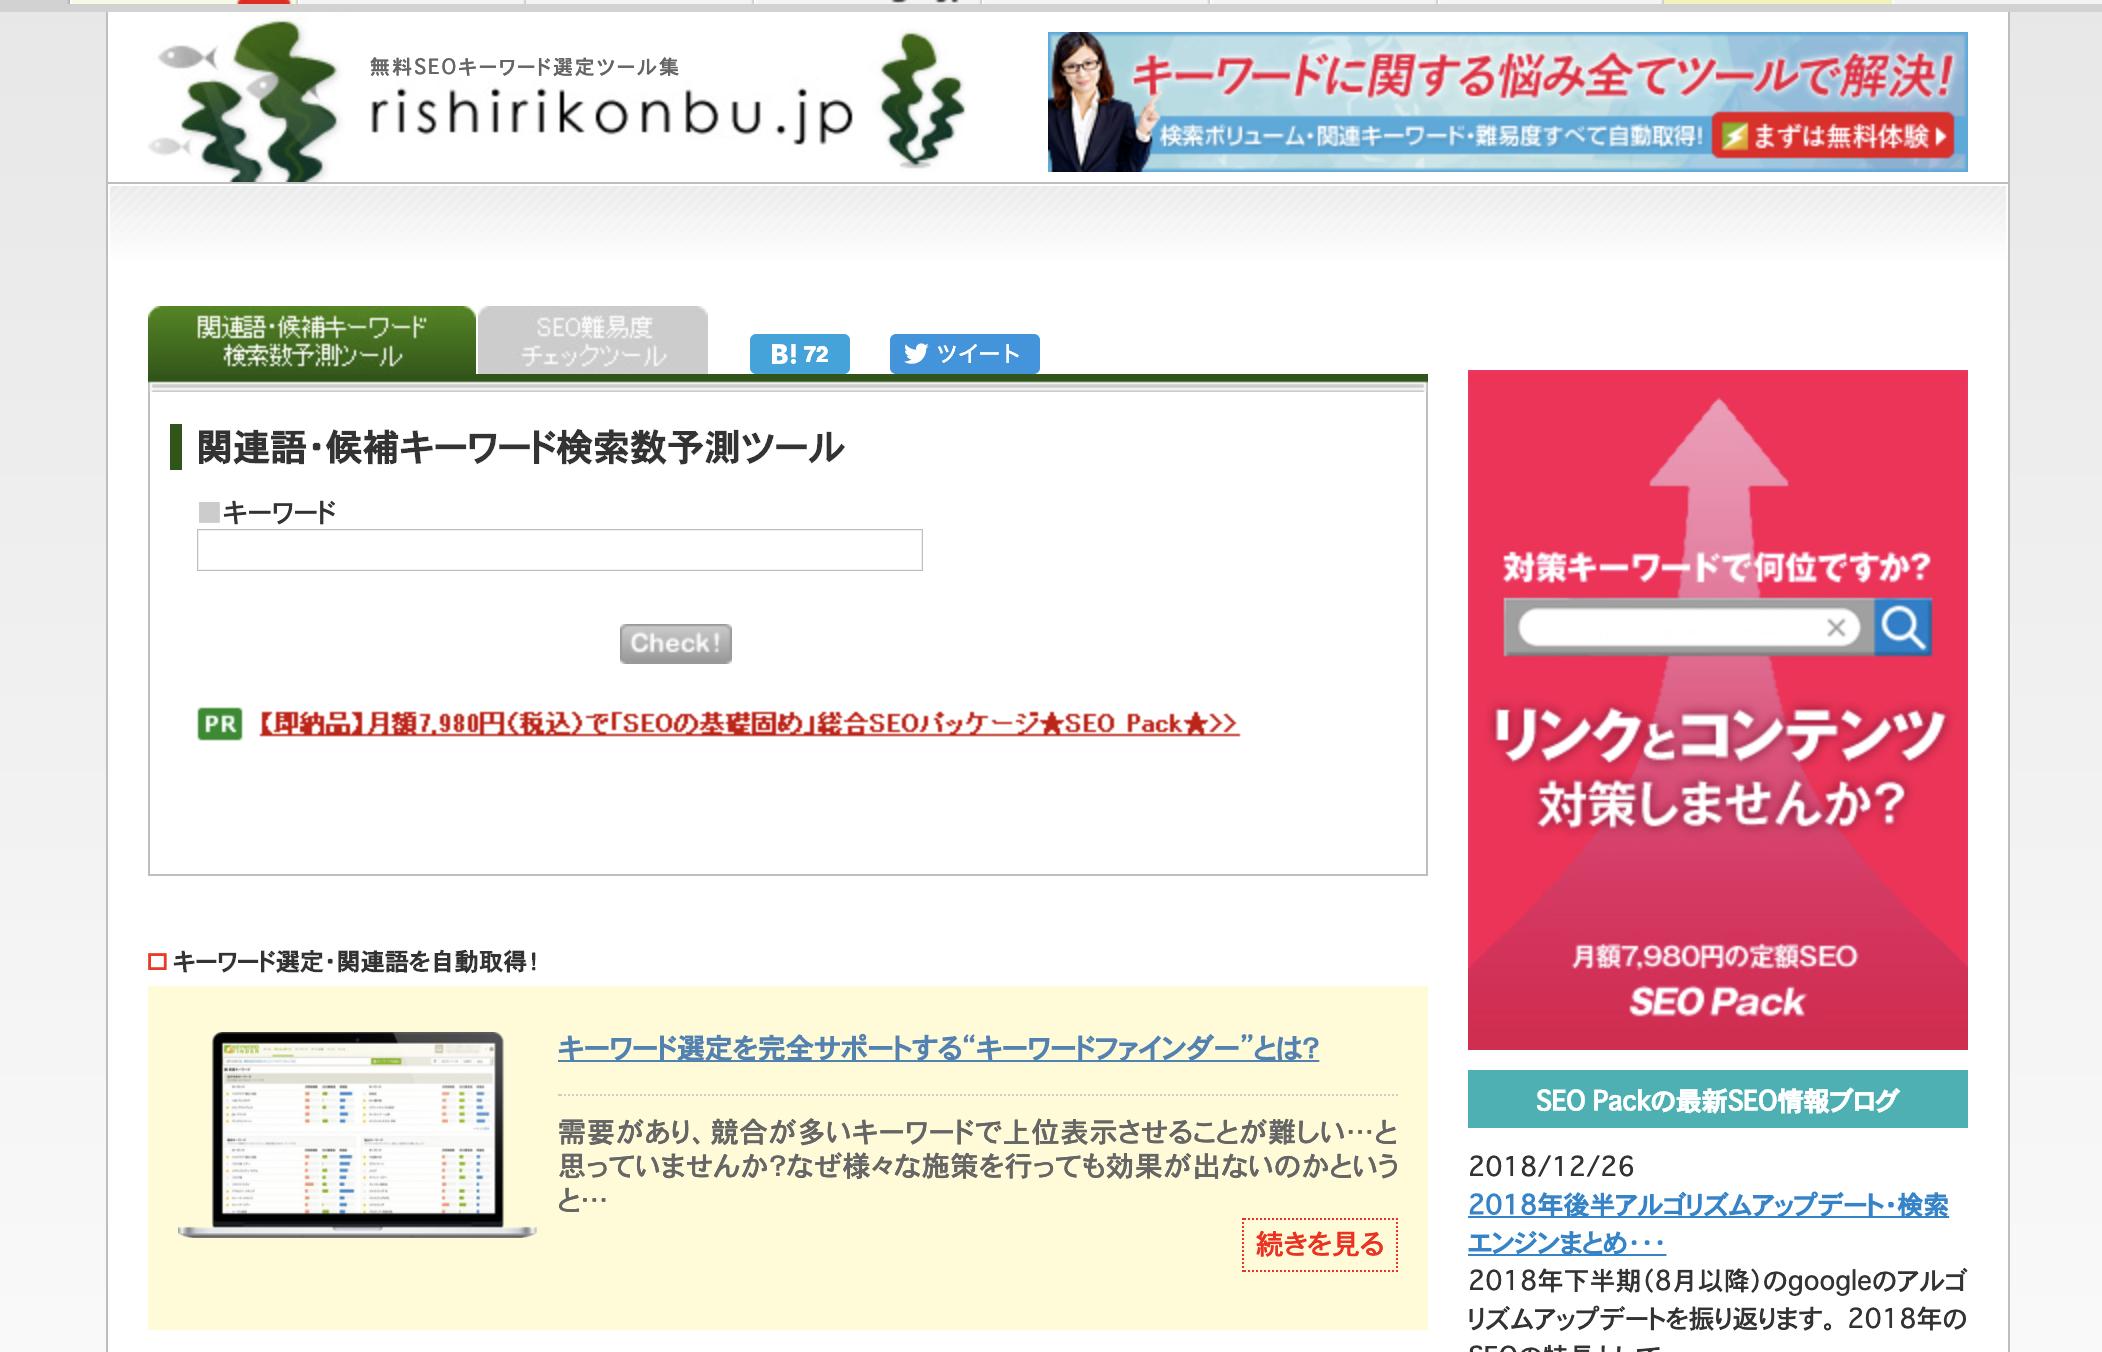 rishirikonbu.jpサイト画像